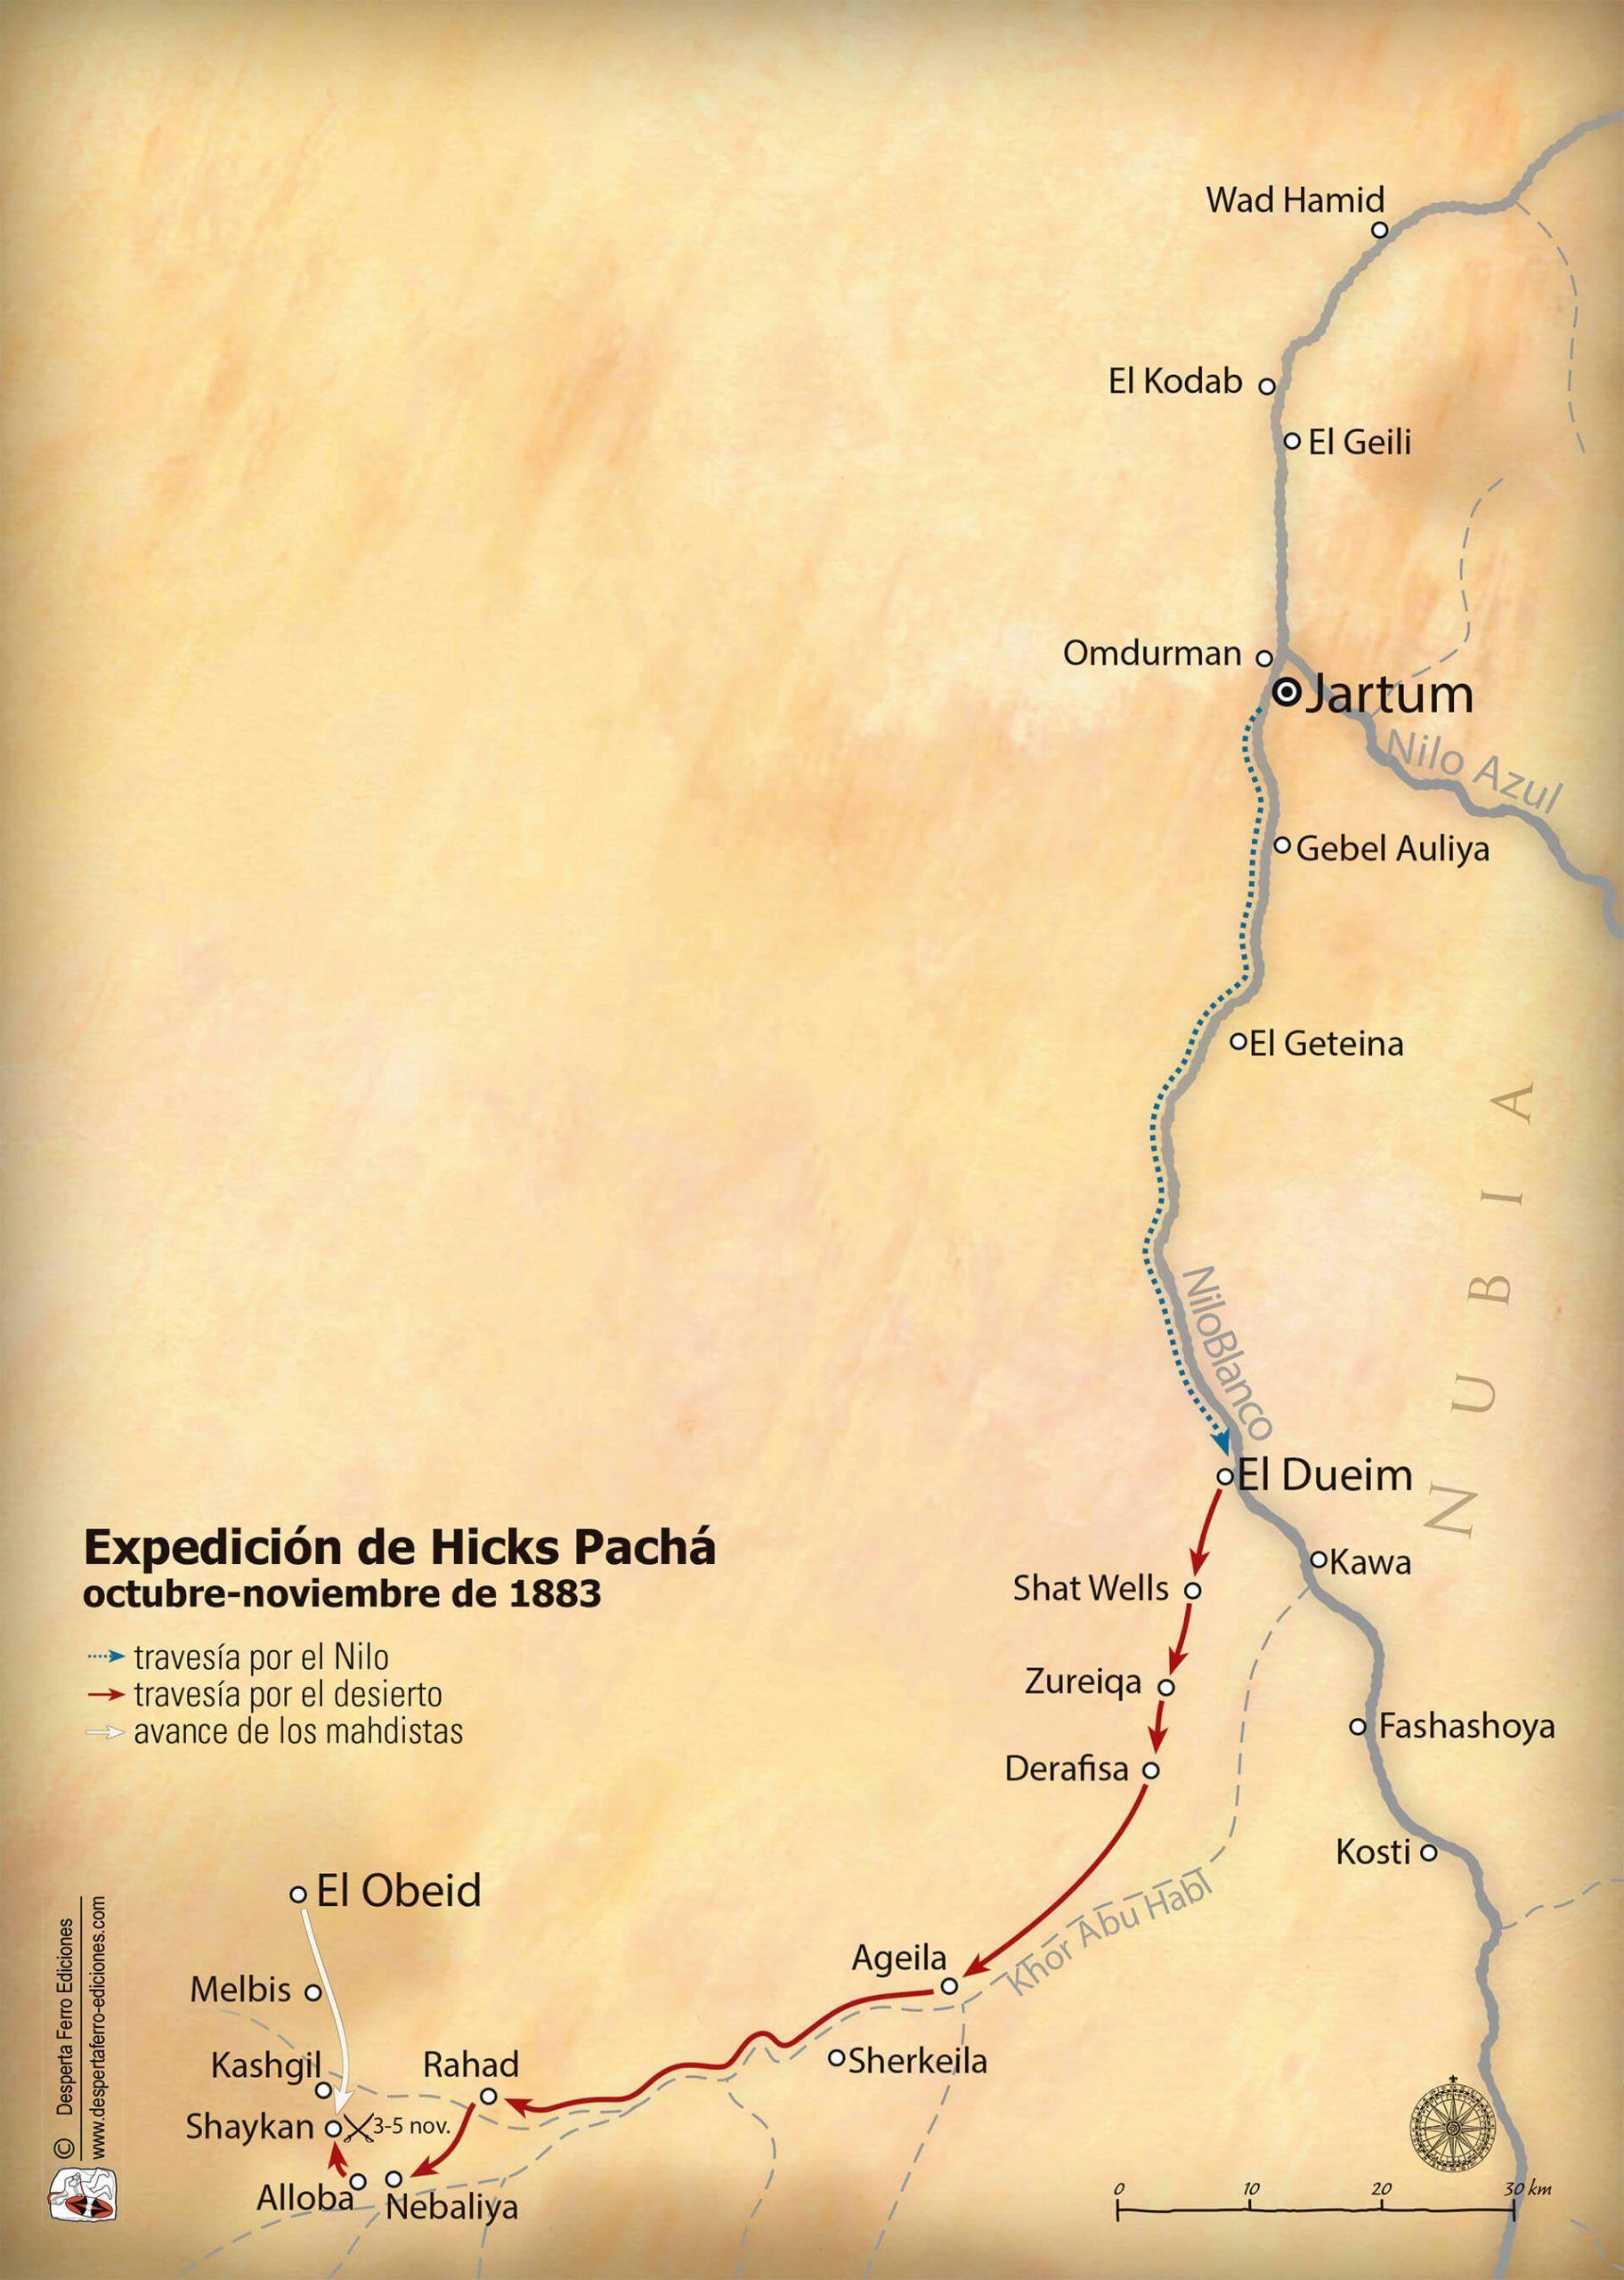 Mapa Expedición Hicks Pachá rebelión mahdista